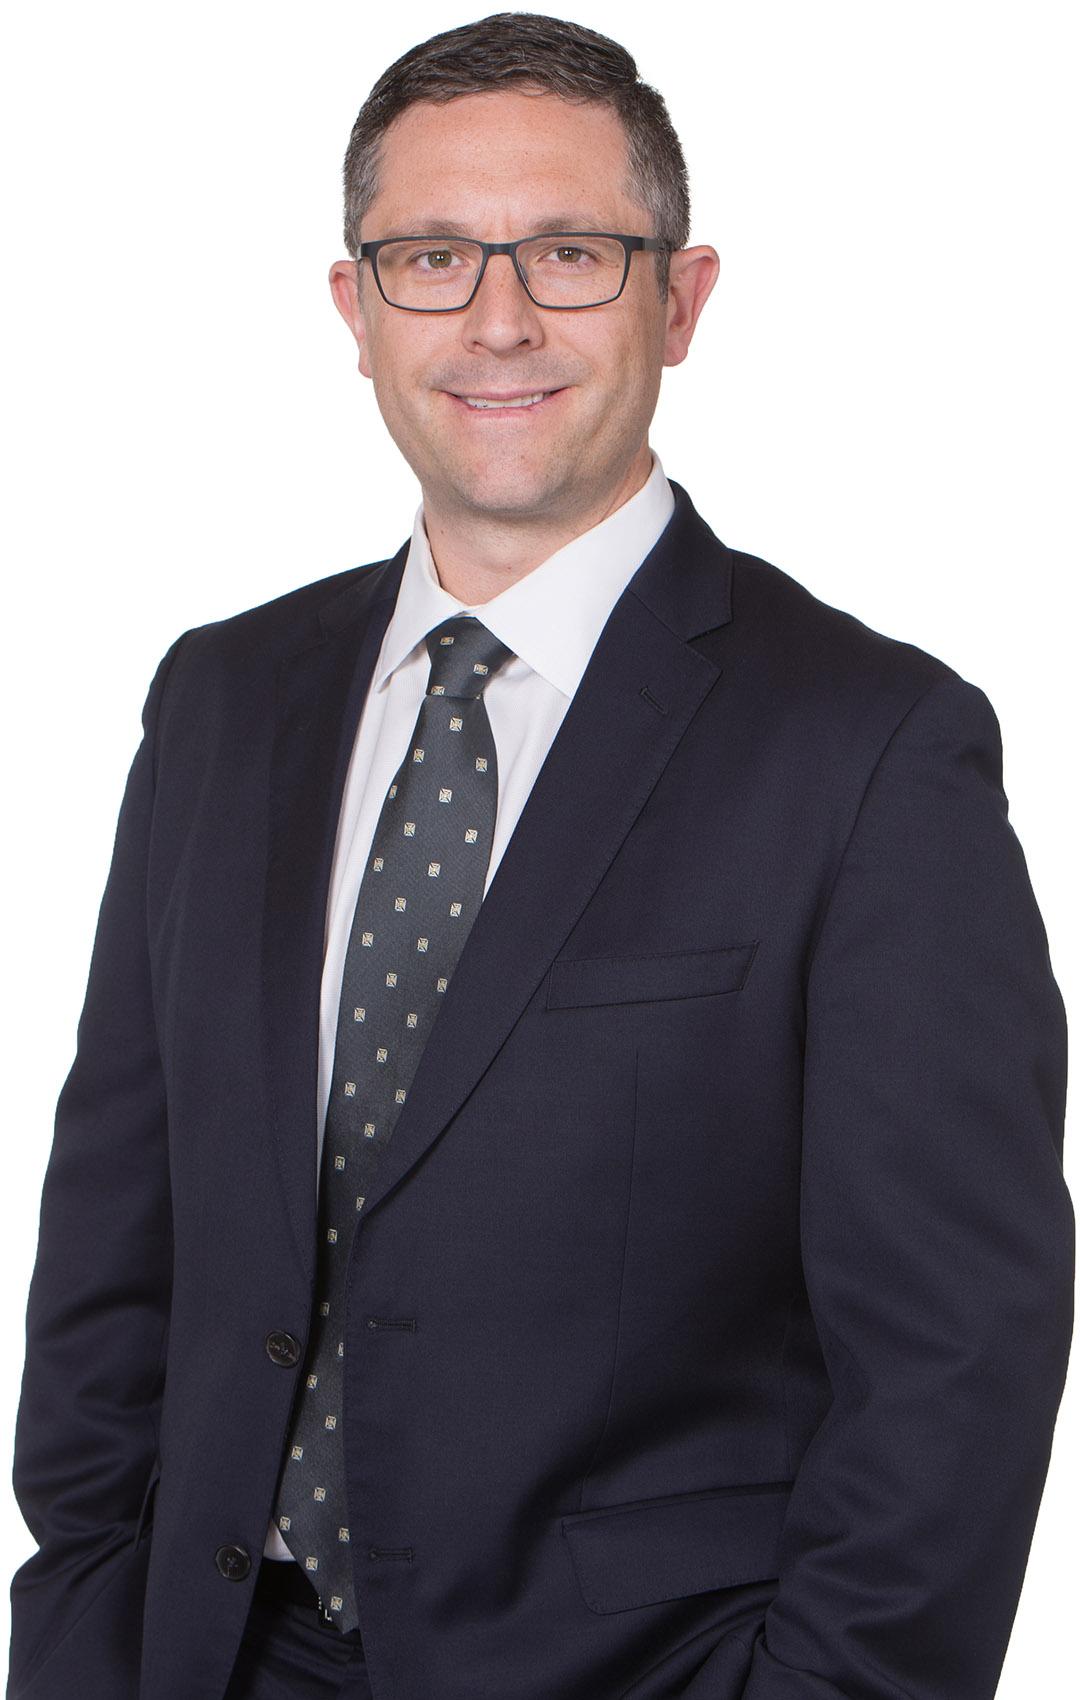 John P. Streelman